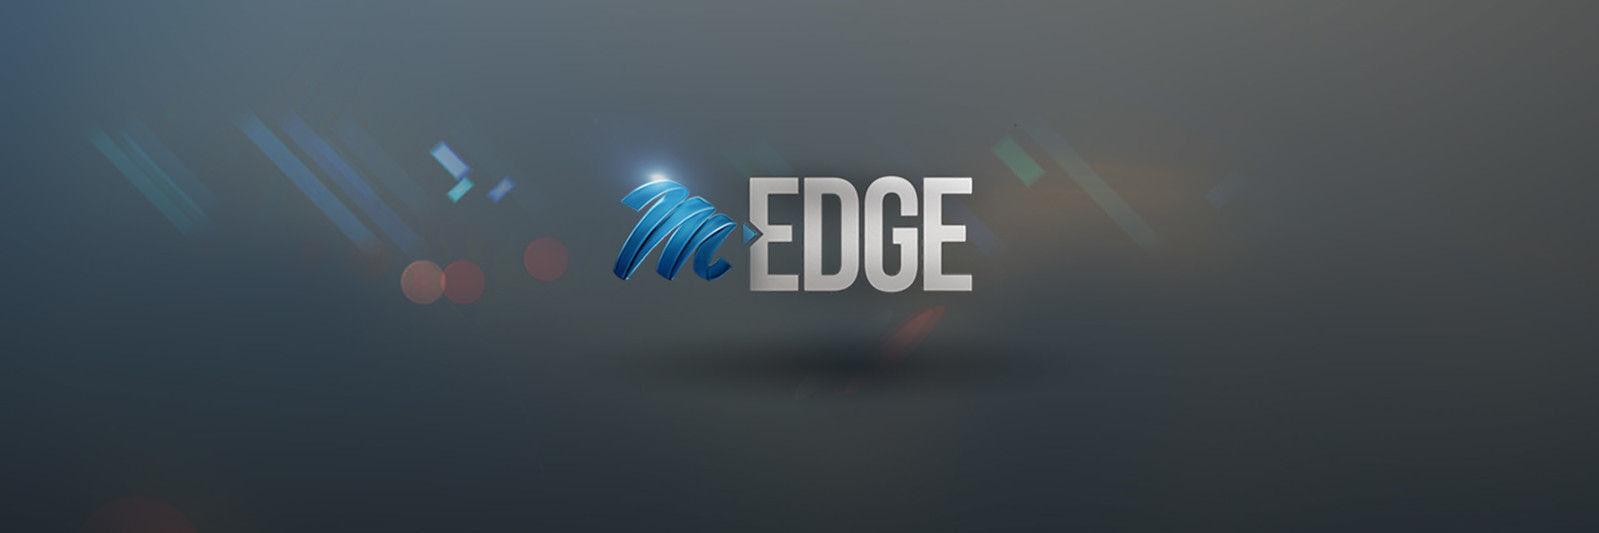 27 edge 005 pre